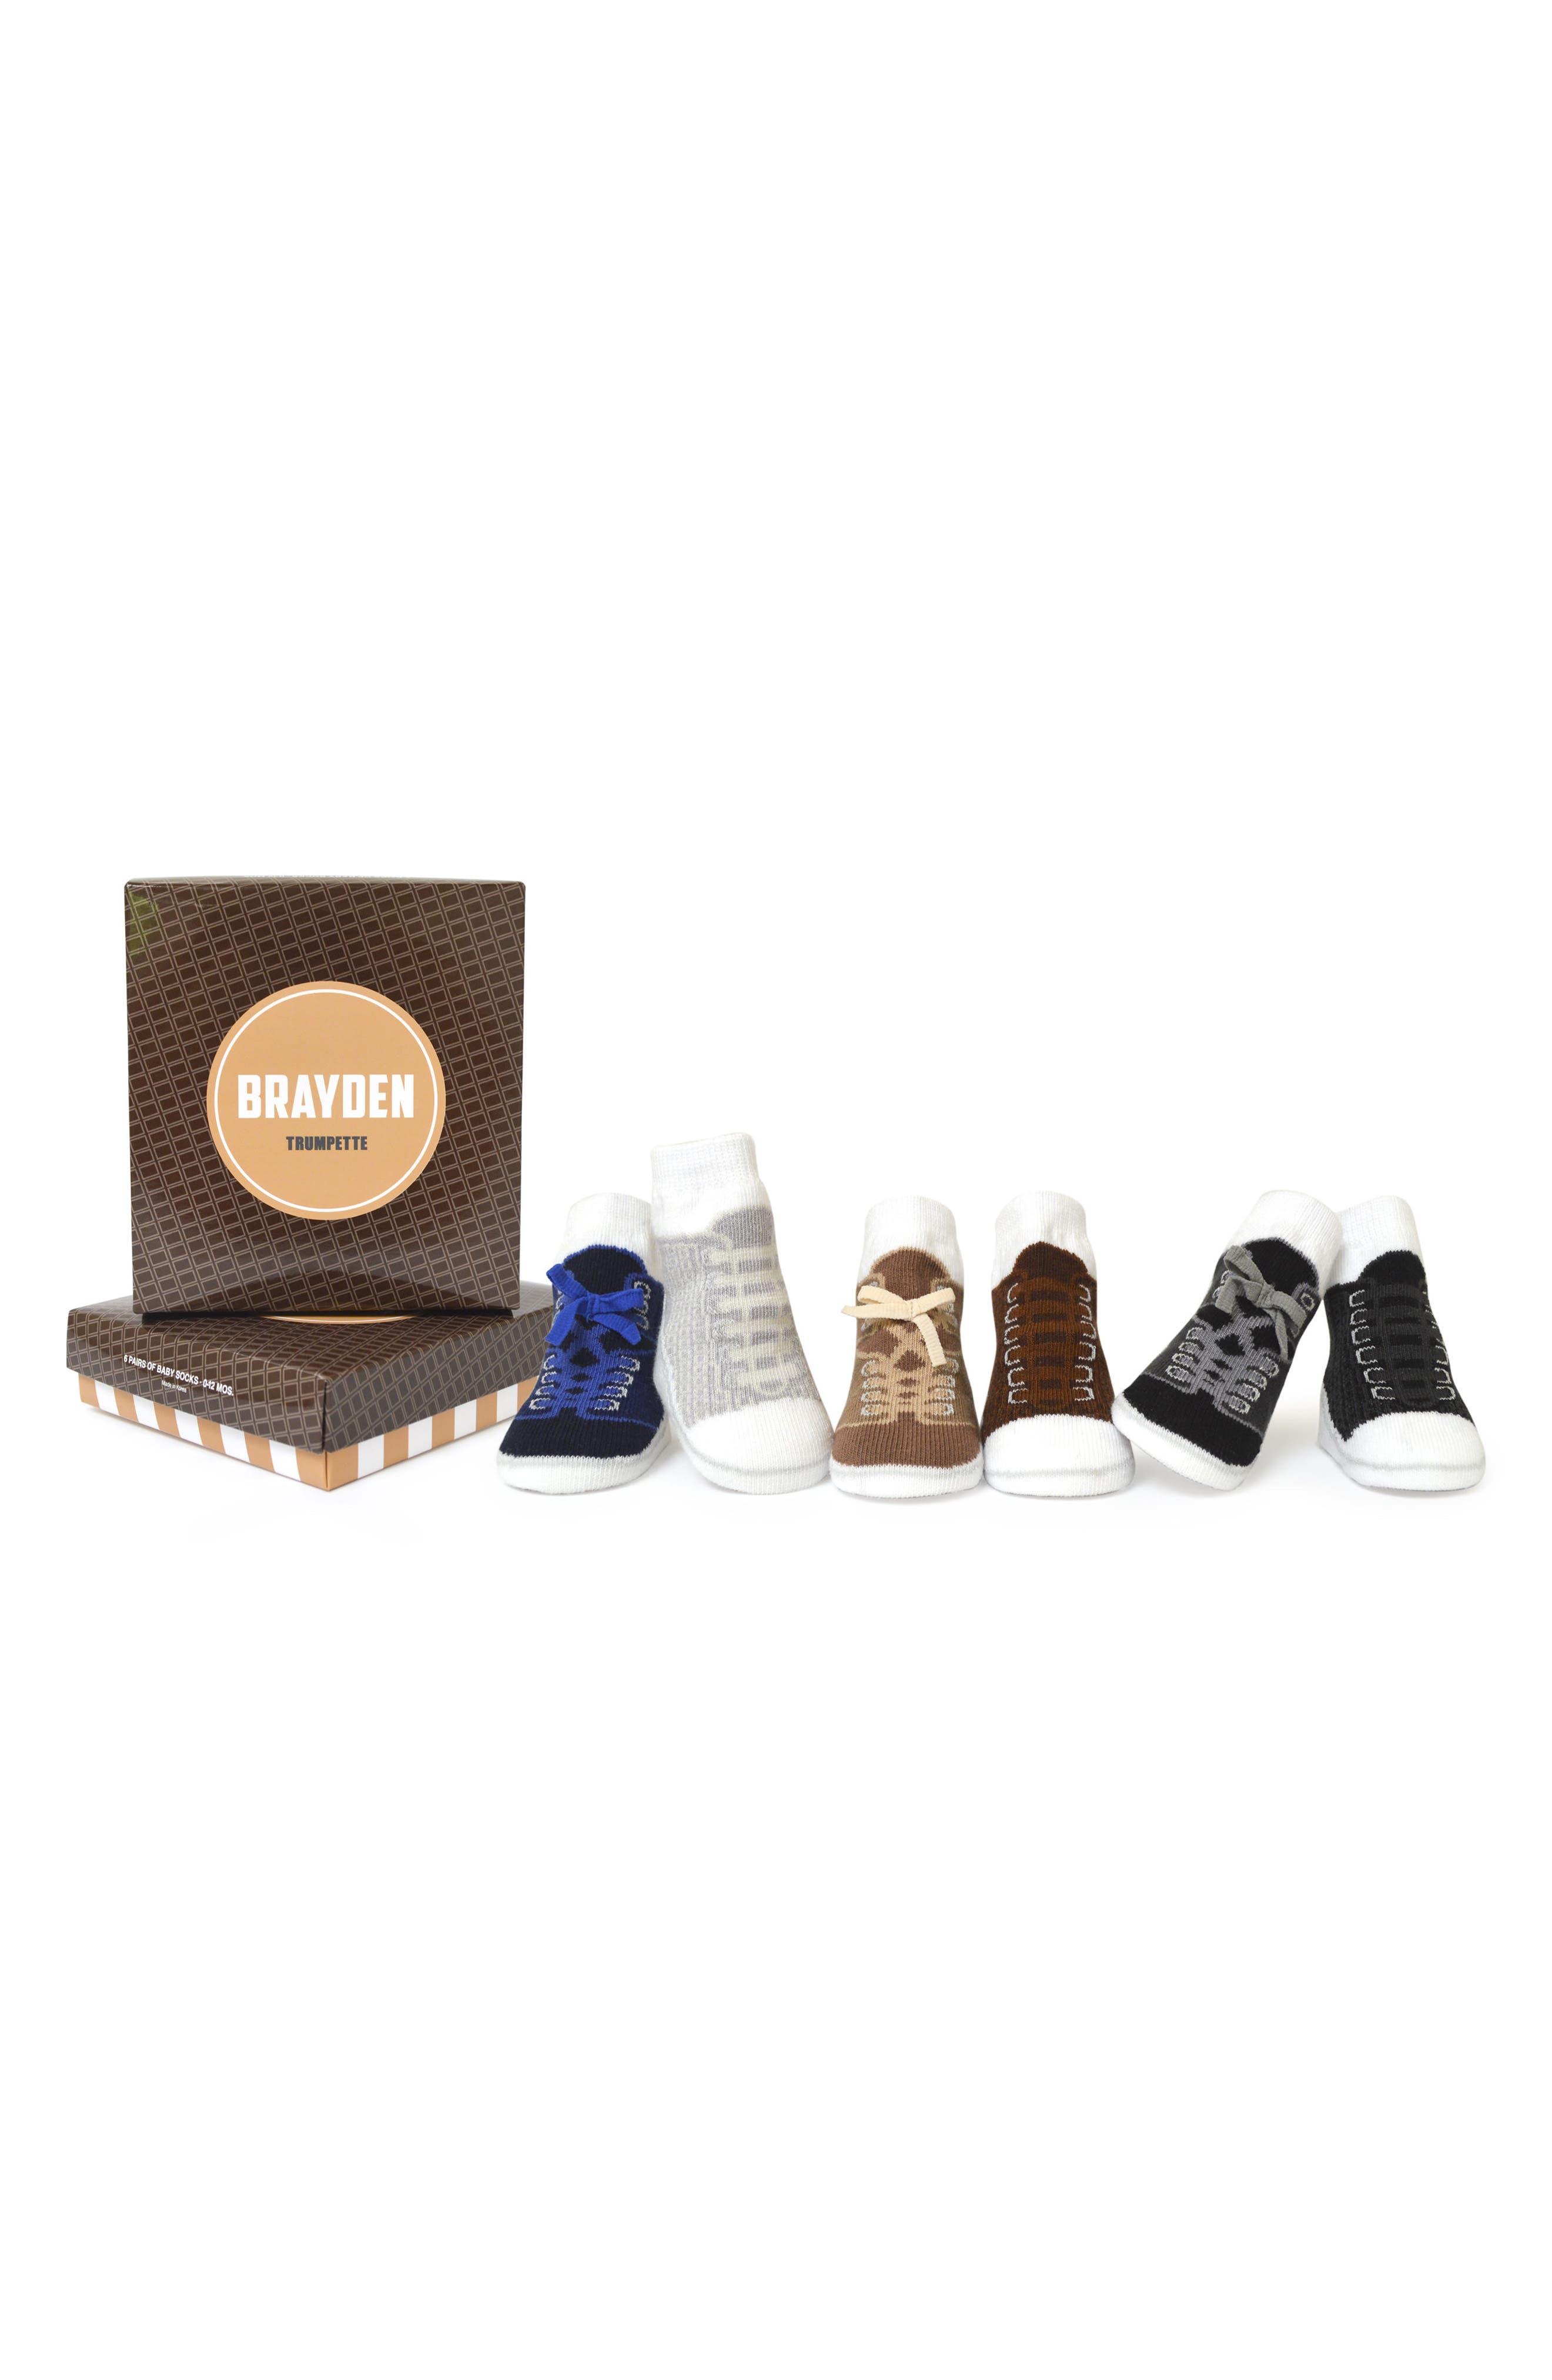 Brayden 6-Pack Socks,                             Main thumbnail 1, color,                             200